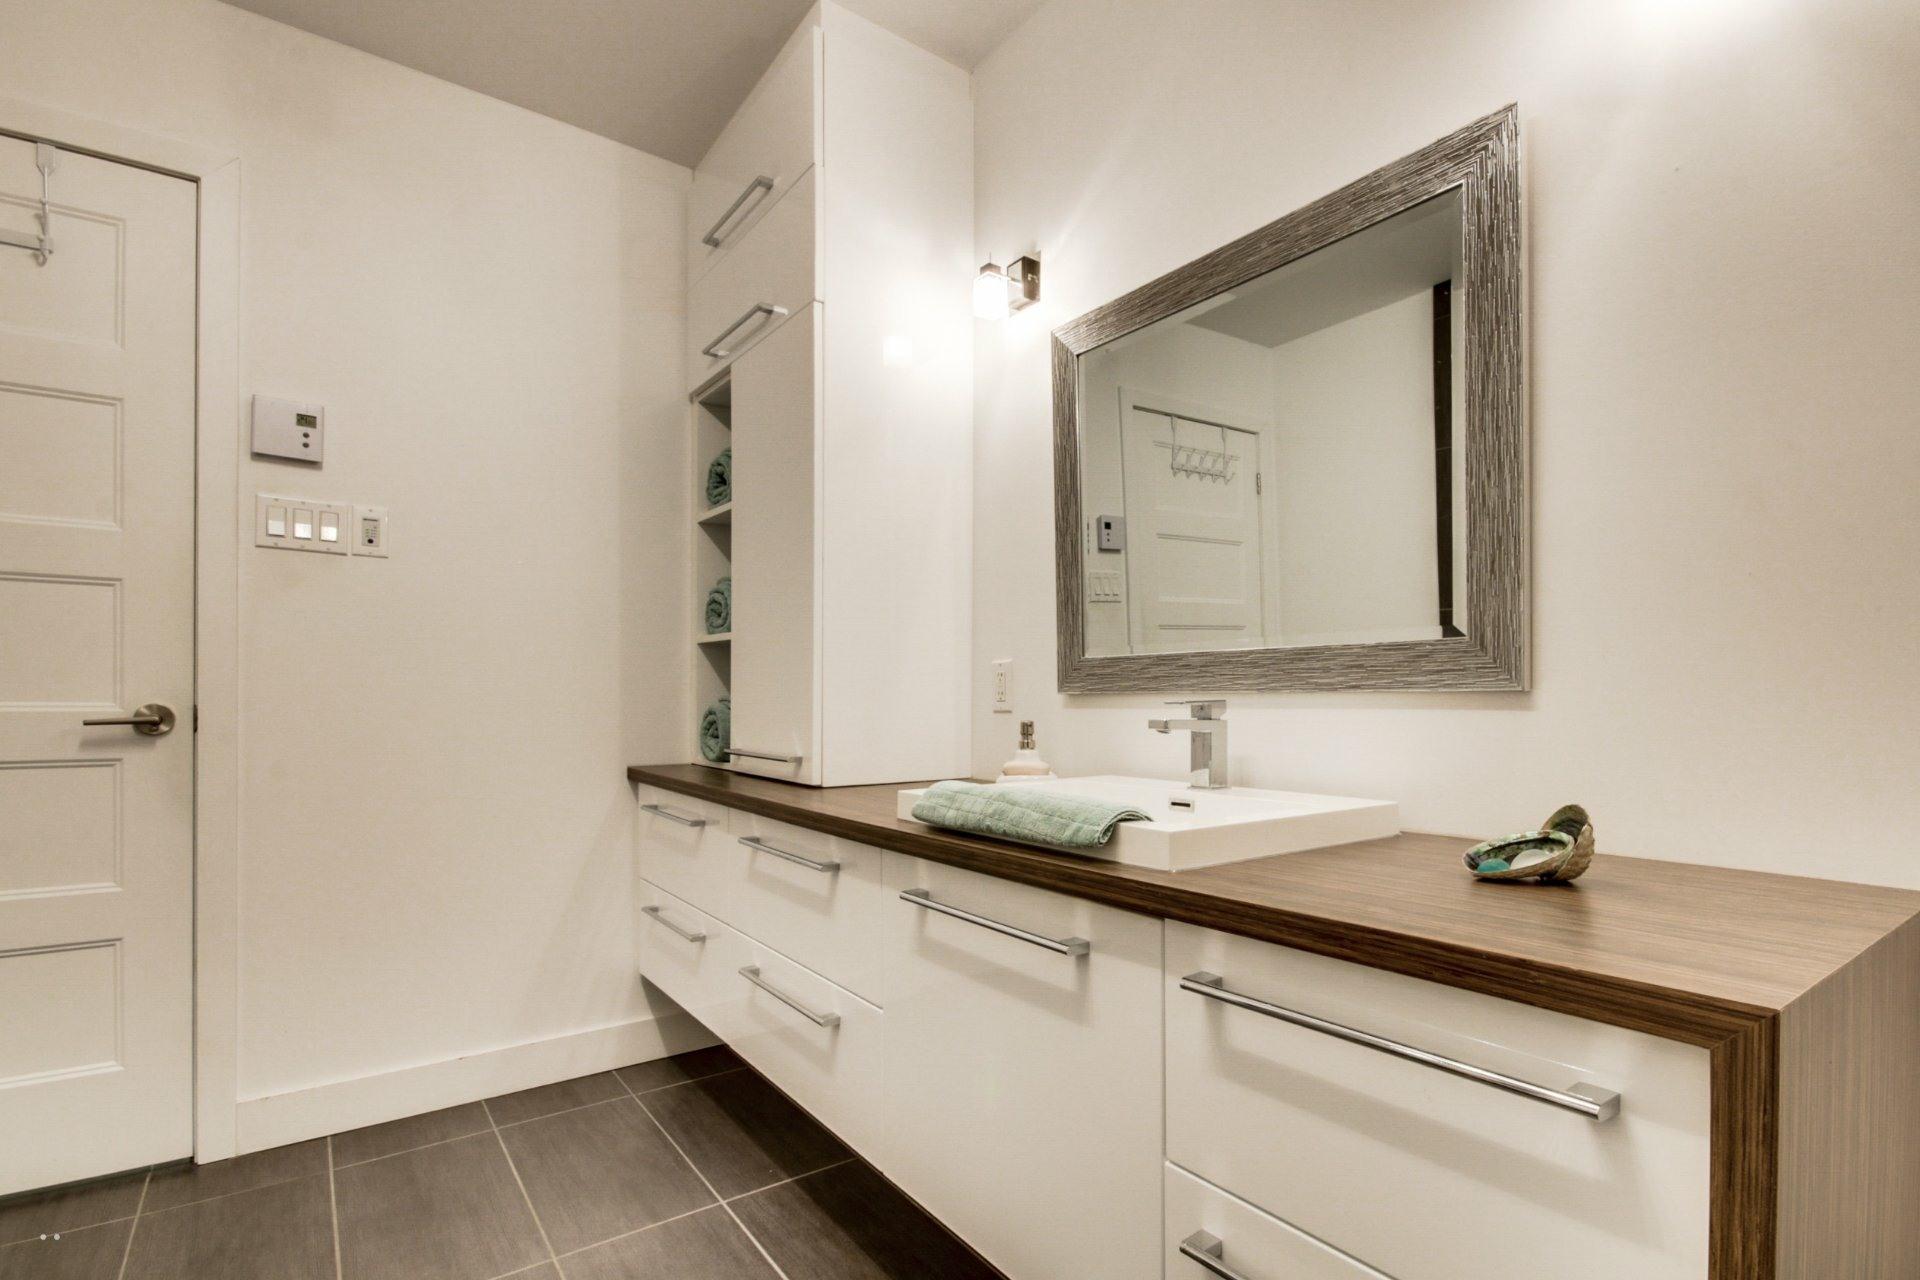 image 37 - Appartement À vendre Trois-Rivières - 7 pièces